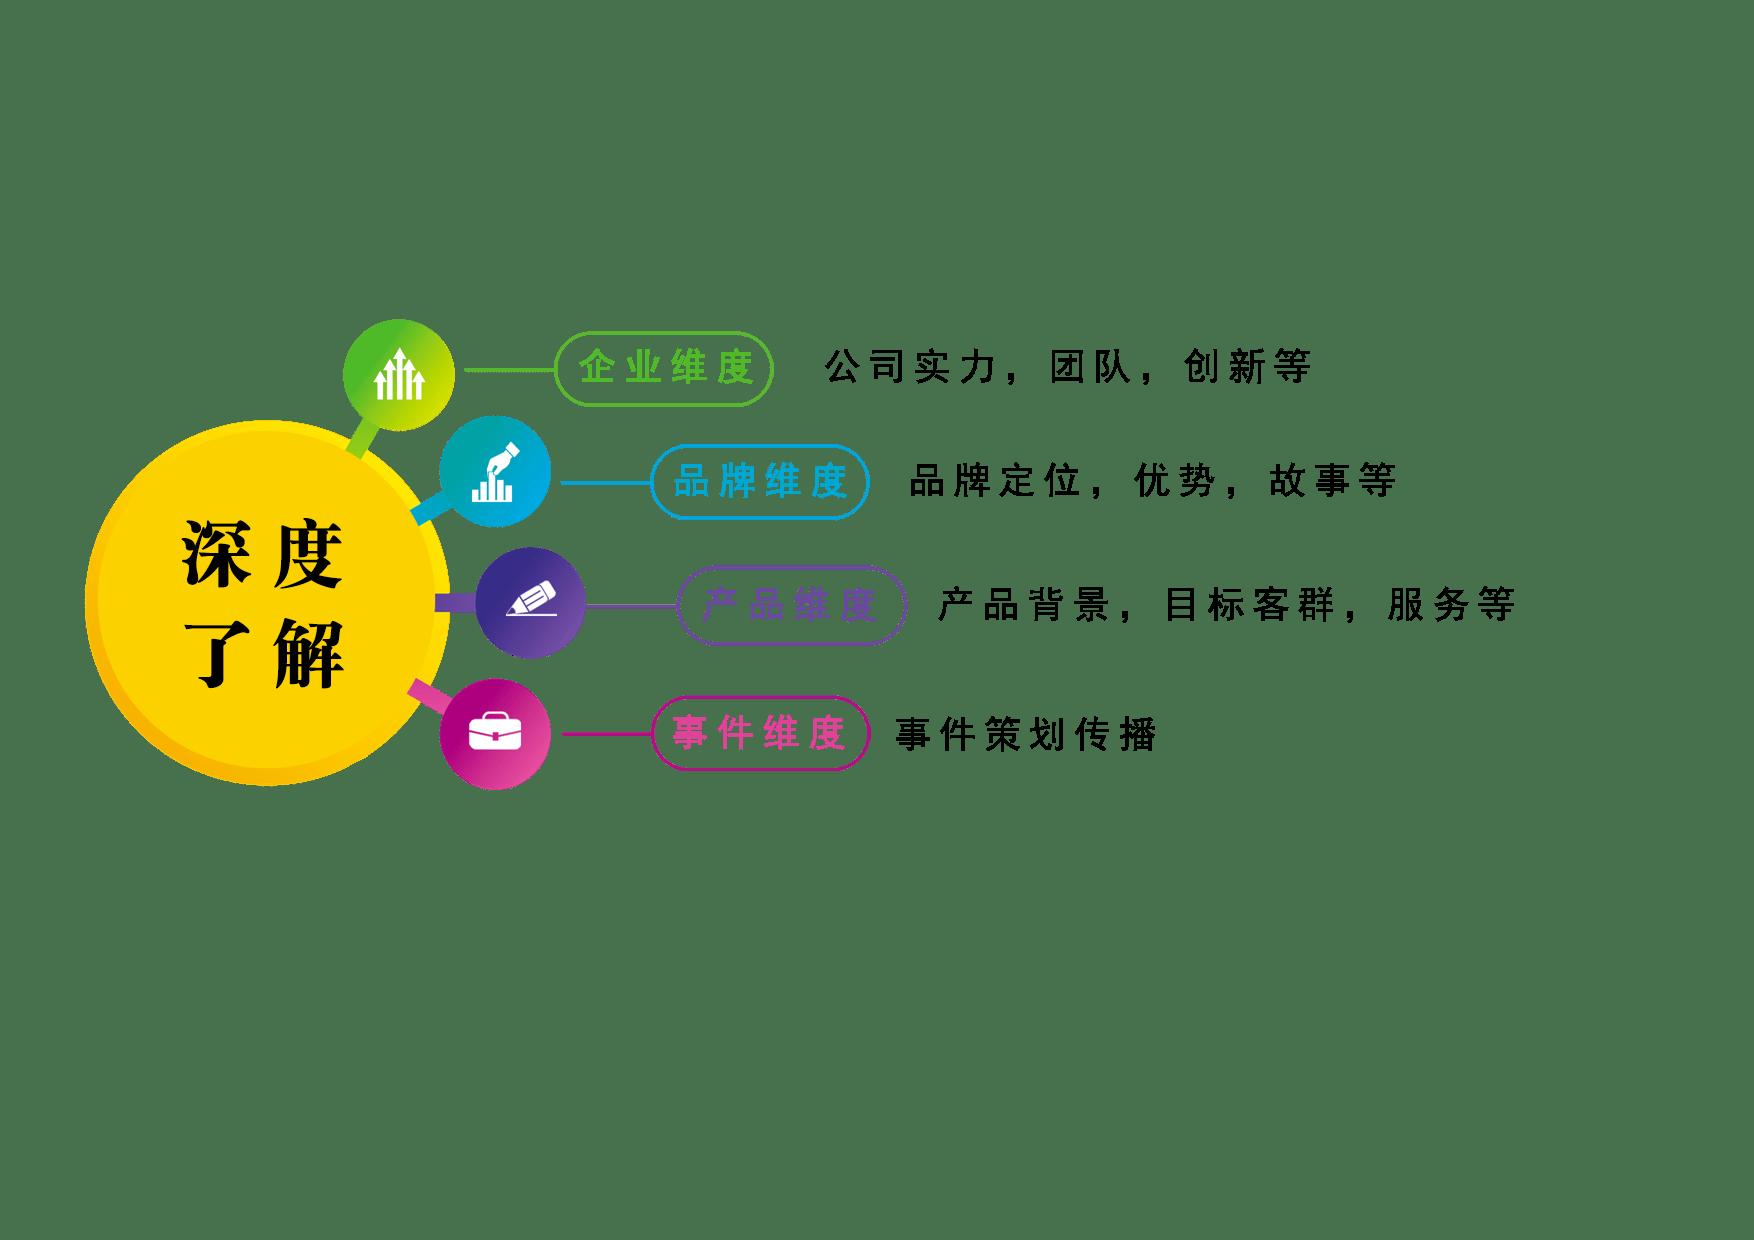 企业如何利用网络营销助力腾飞?(图4)